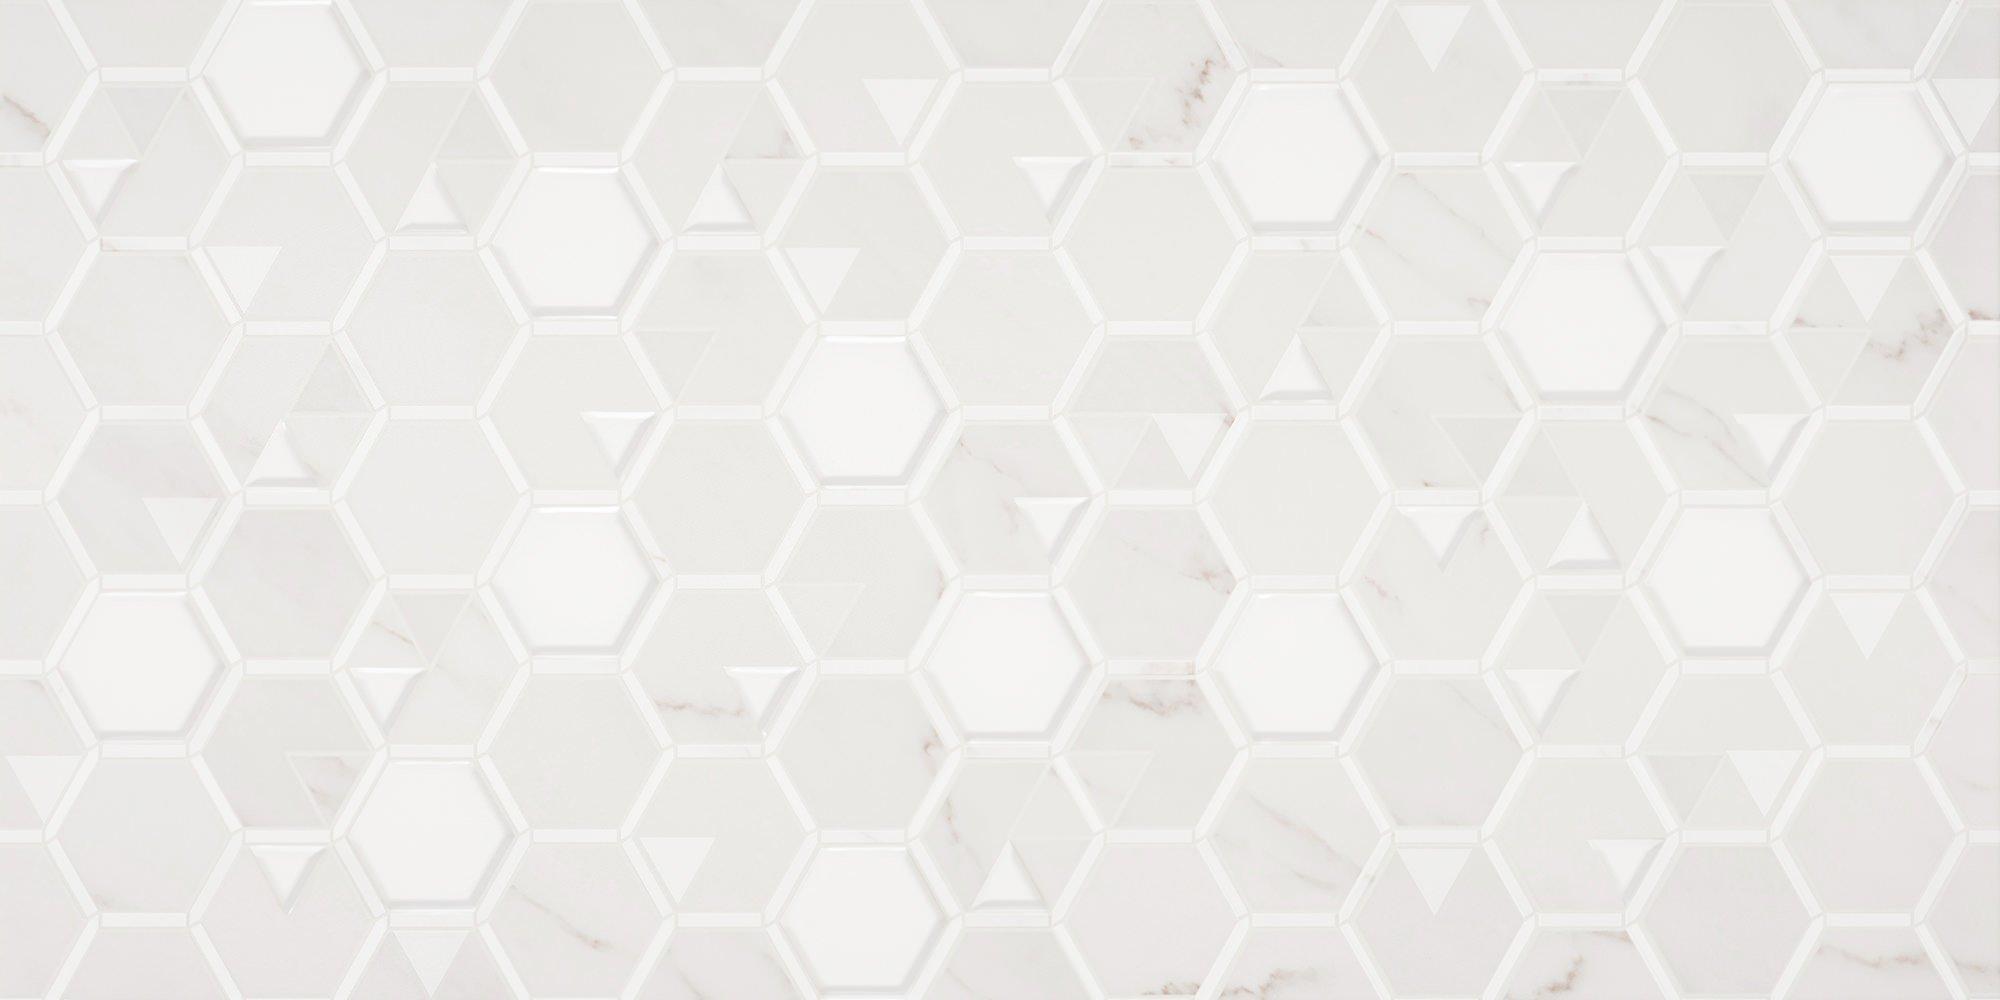 Faianță pentru baie Opoczno Calacatta Decor Patchwork 297x600 texturată și mată alb / 6